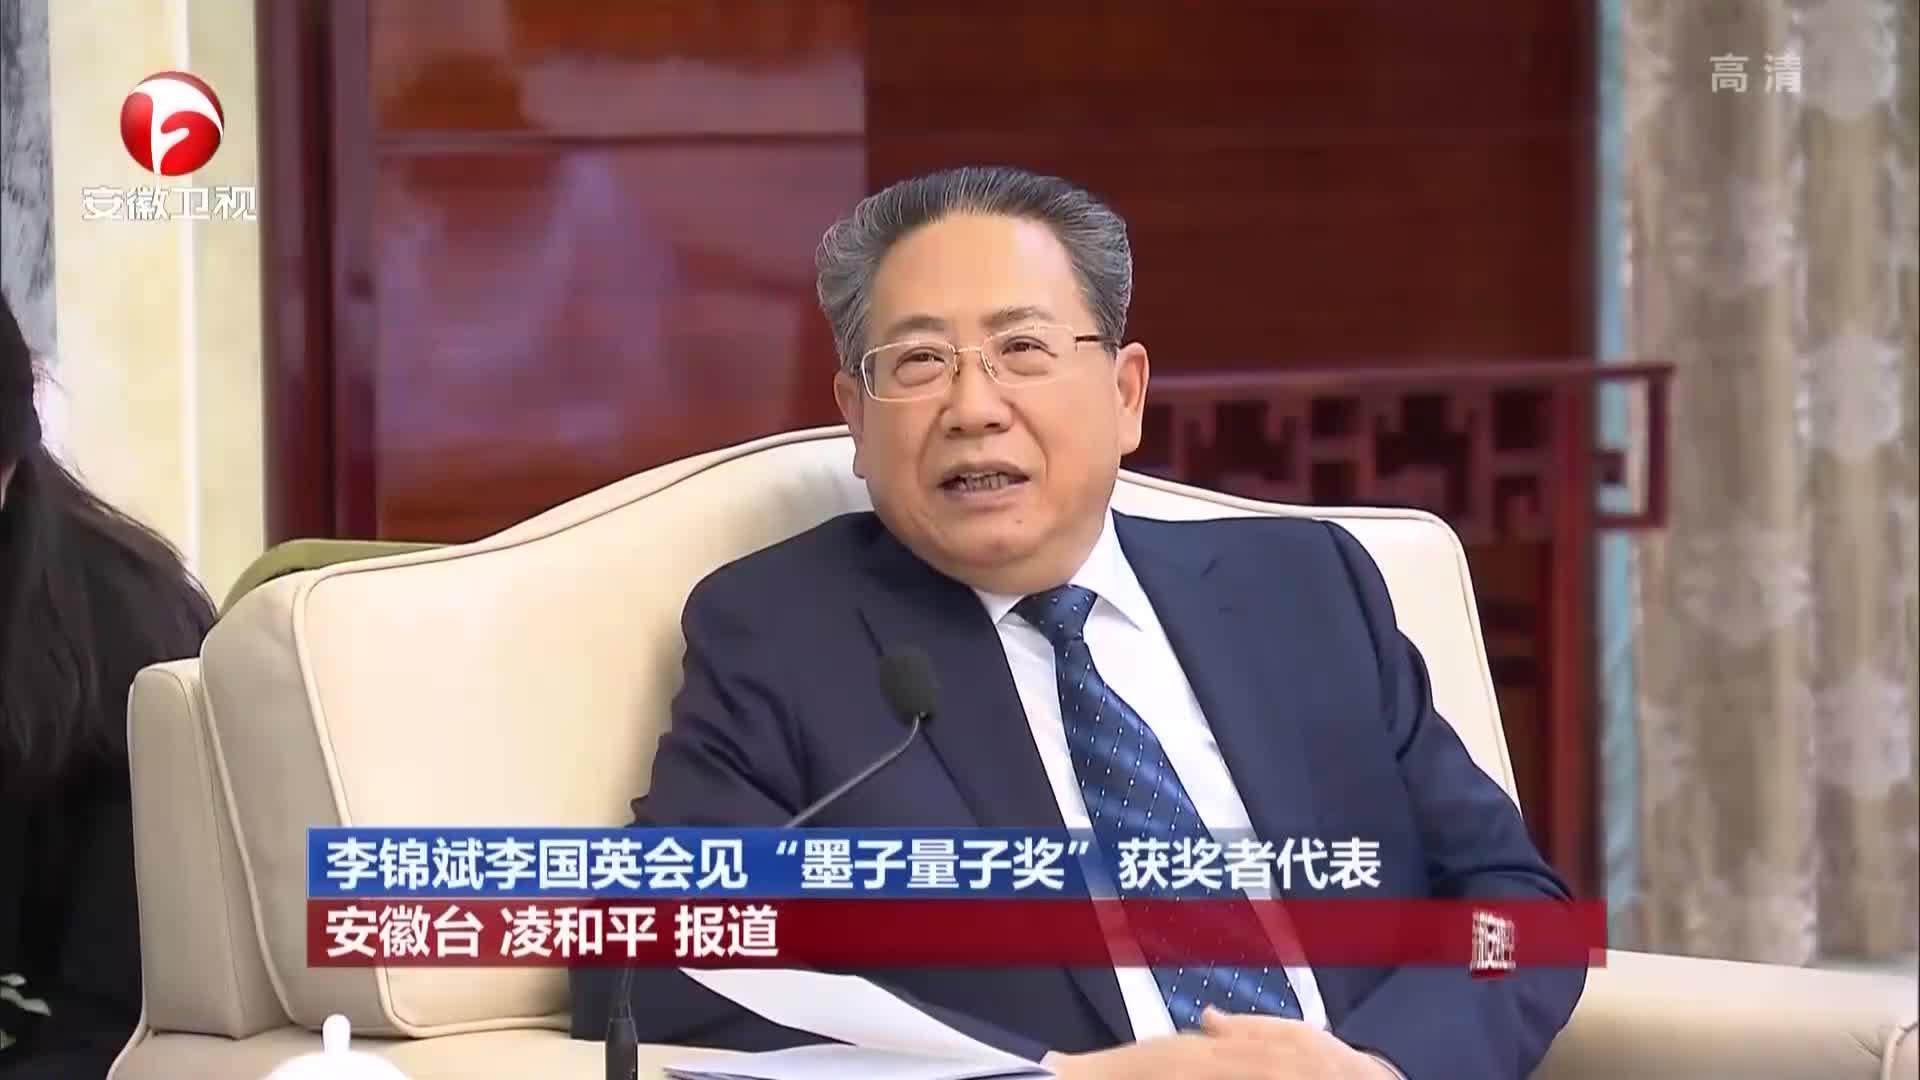 """《新安夜空》李锦斌李国英会见""""墨子量子奖""""获奖者代表"""